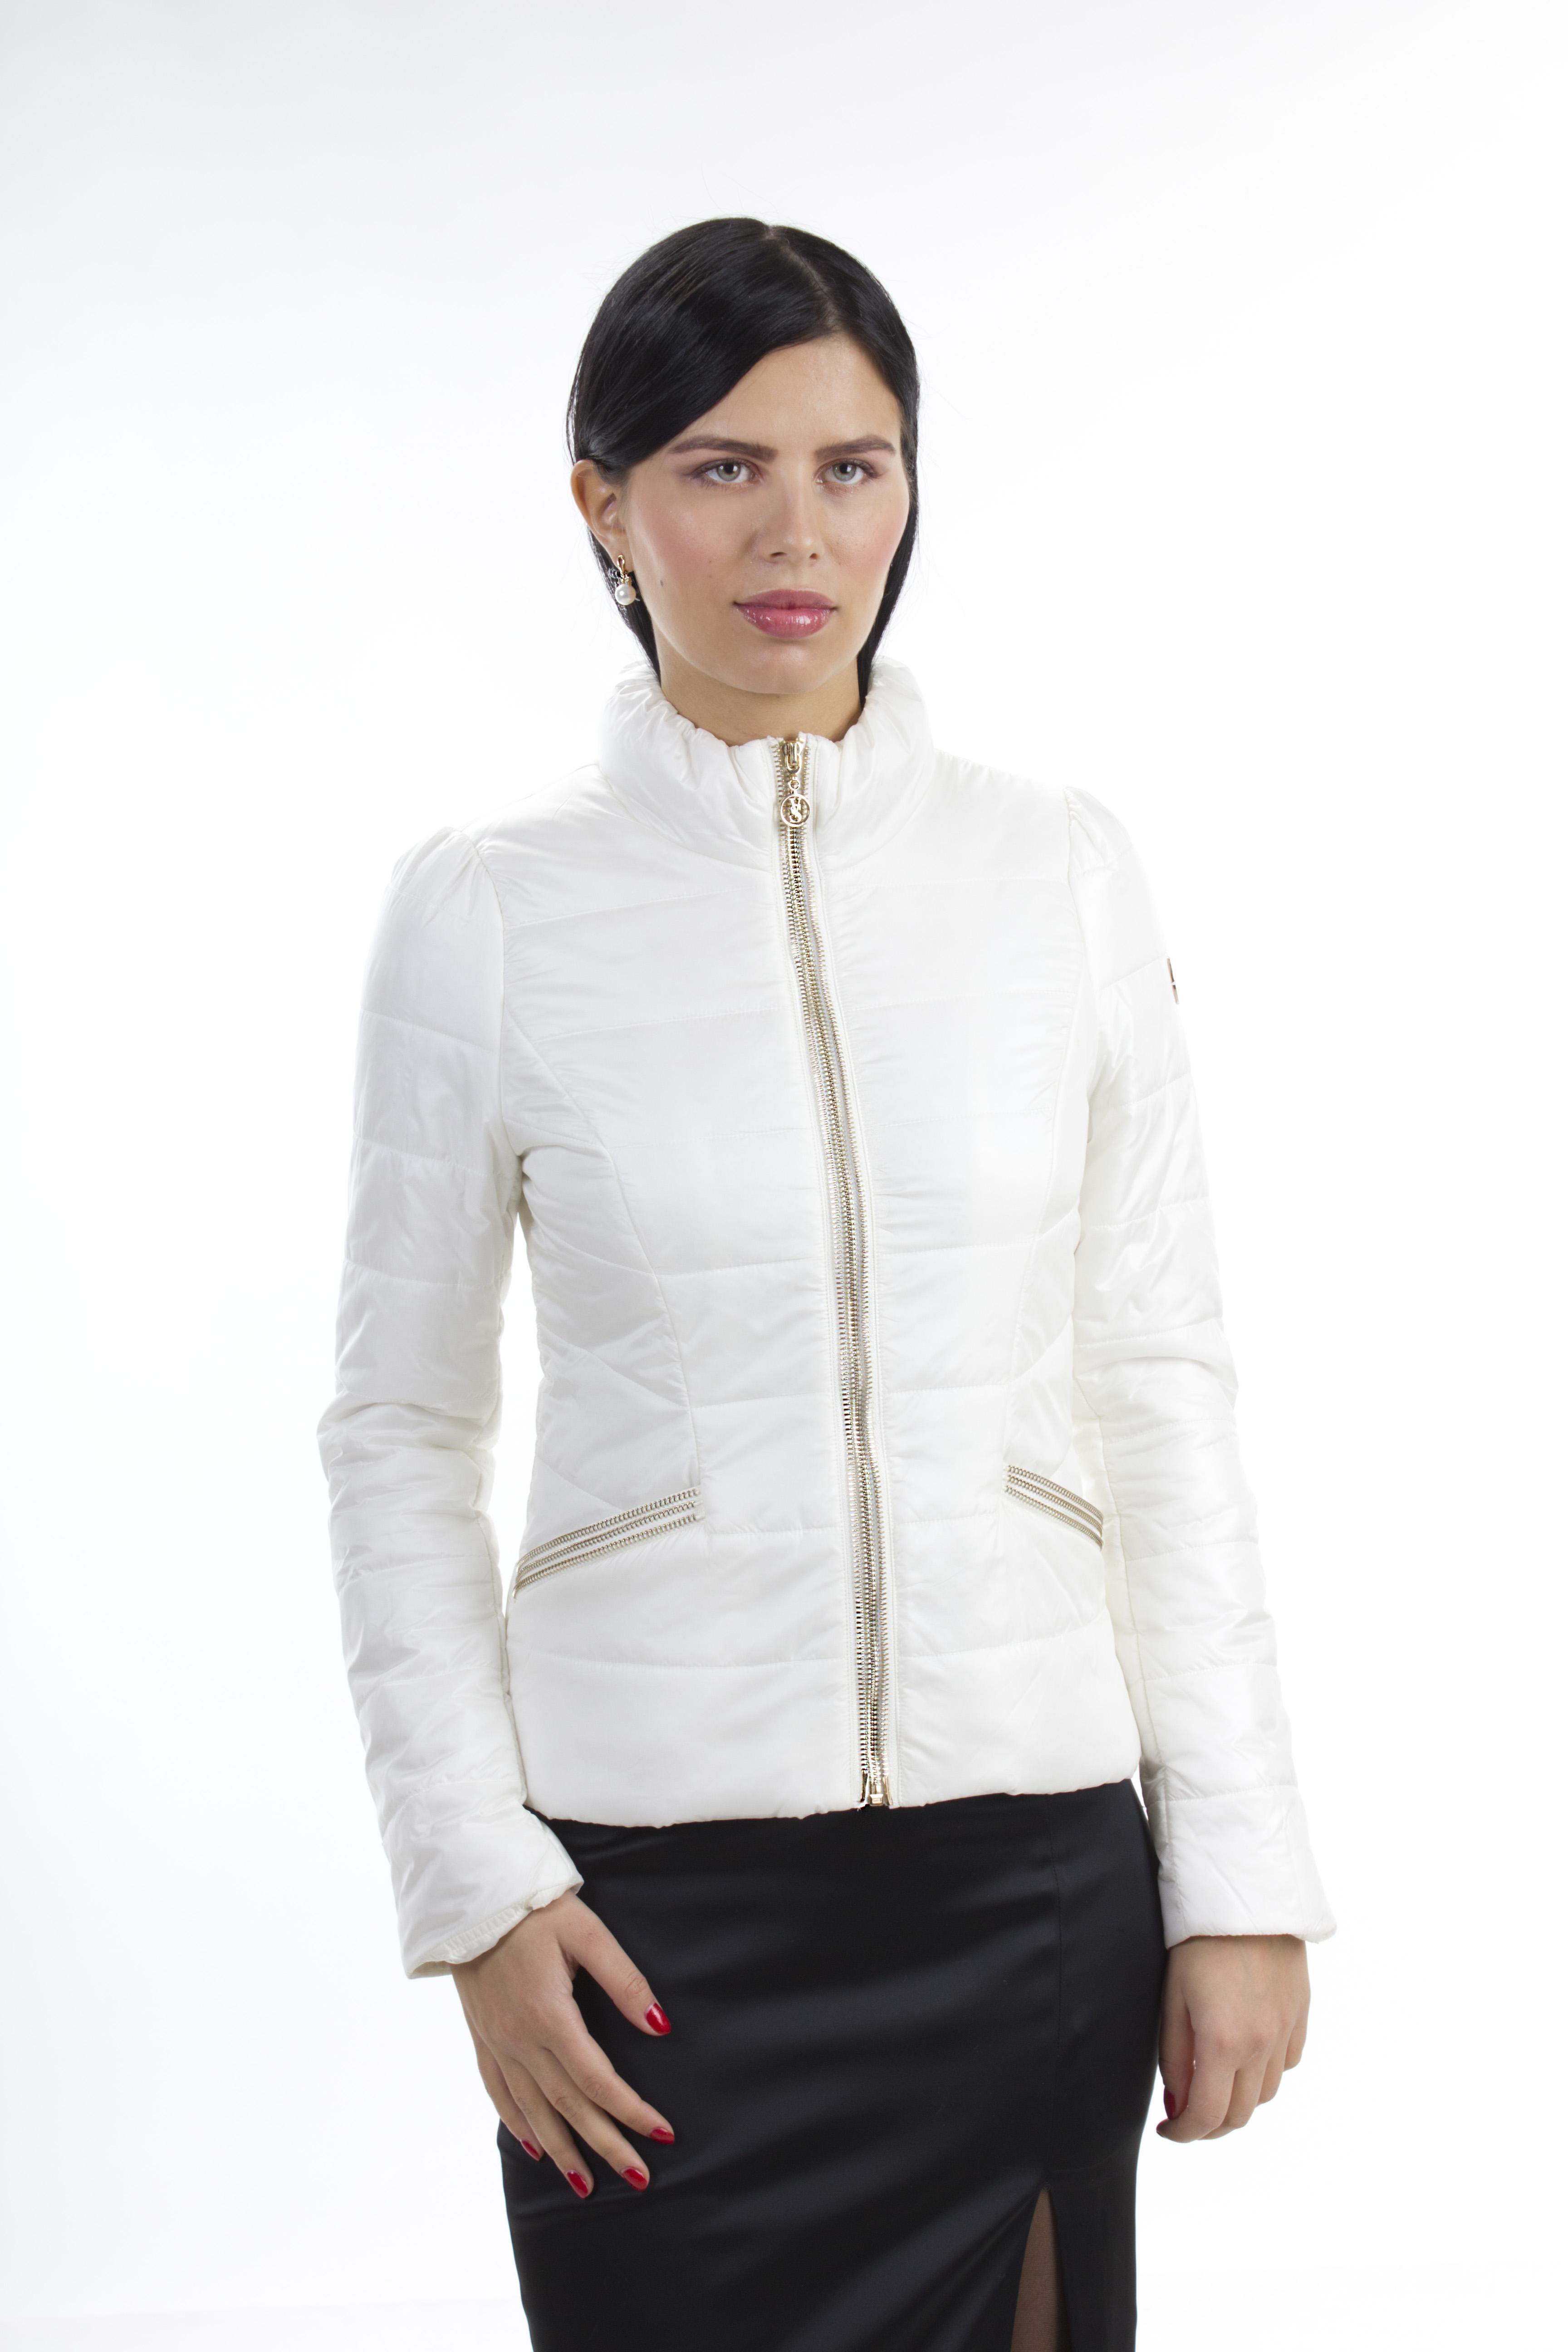 Современная, стильная и качественная одежда от лучших производителей. Мужское, женское и детское. Пуховики, зимние куртки (от 1500), ветровки (от 950), элитная горнолыжка, шапки, перчатки. От XS до 5XL. Сбор-8